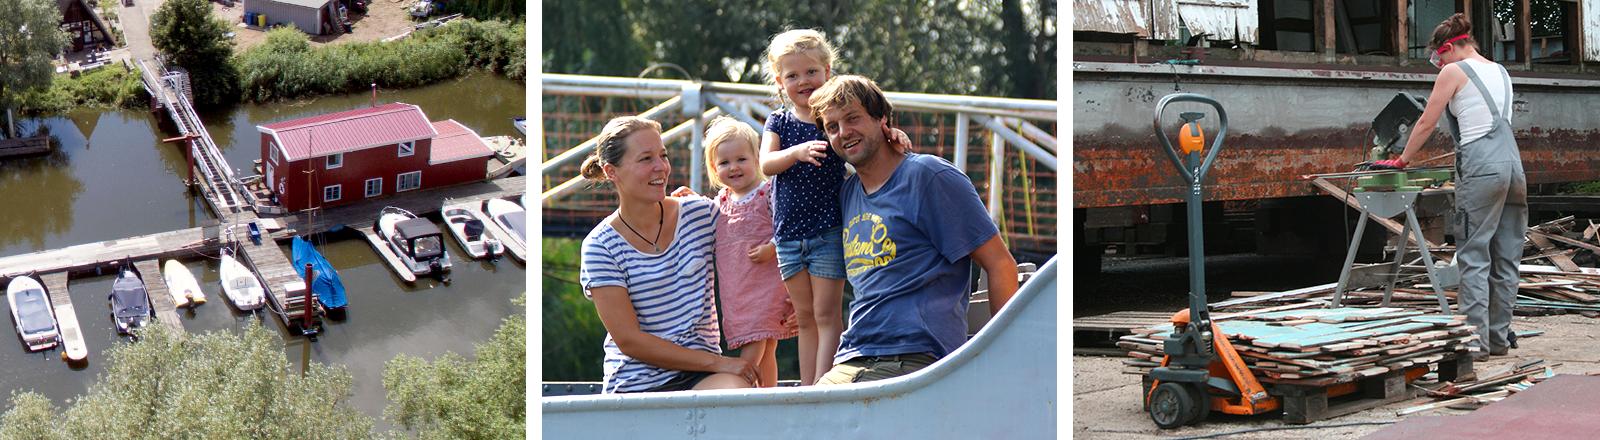 Ein hausboot im Hafen, Familie Grigoleit auf ihrem Boot, JiIll Grigoleit beim Renovieren ihres Hausbootes